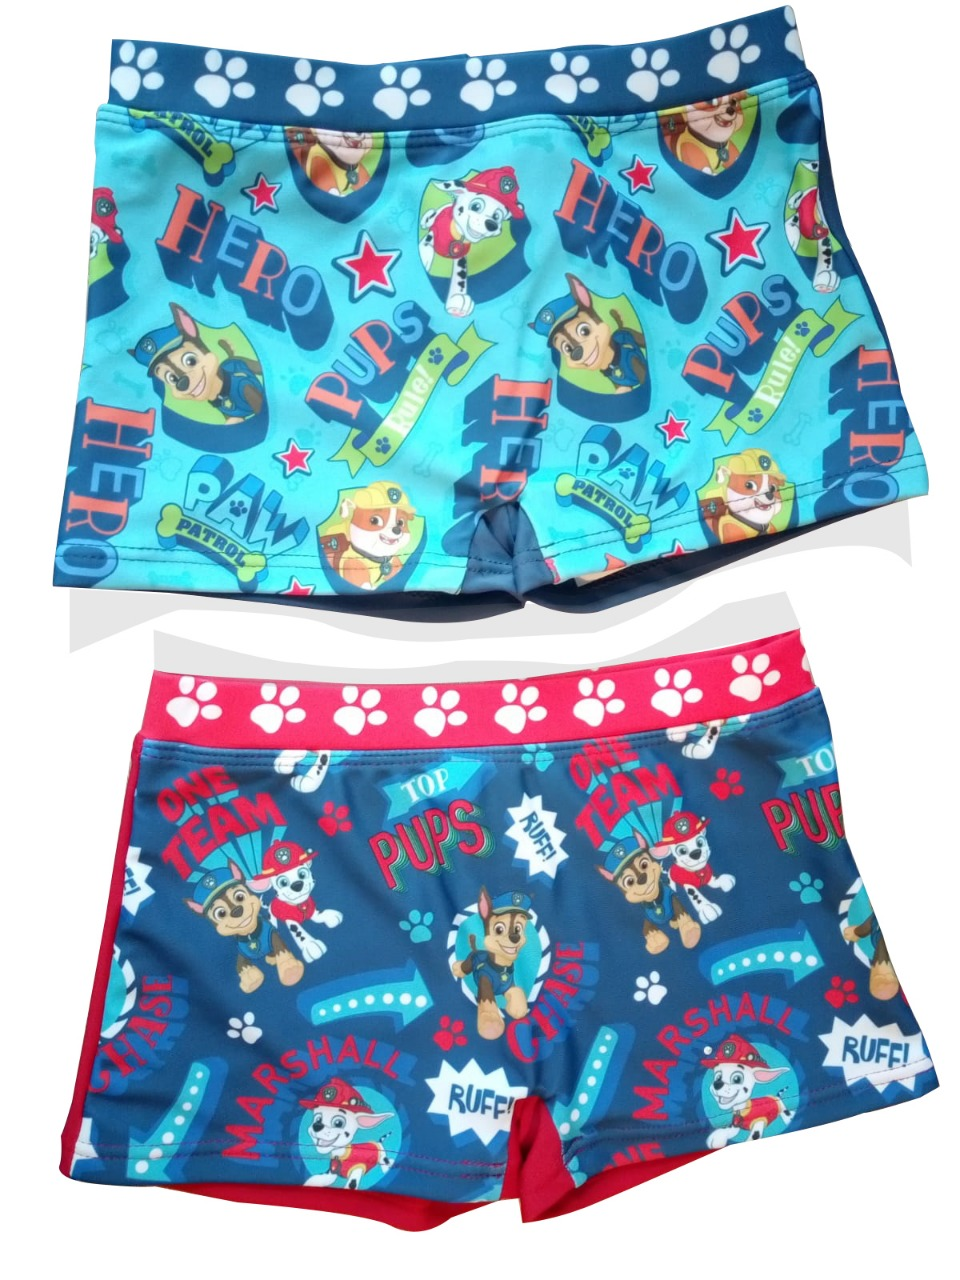 Paw Patrol 2er Set Bade-Shorts für Urlaub, mehrfarbig für Jungen (Auswahl)